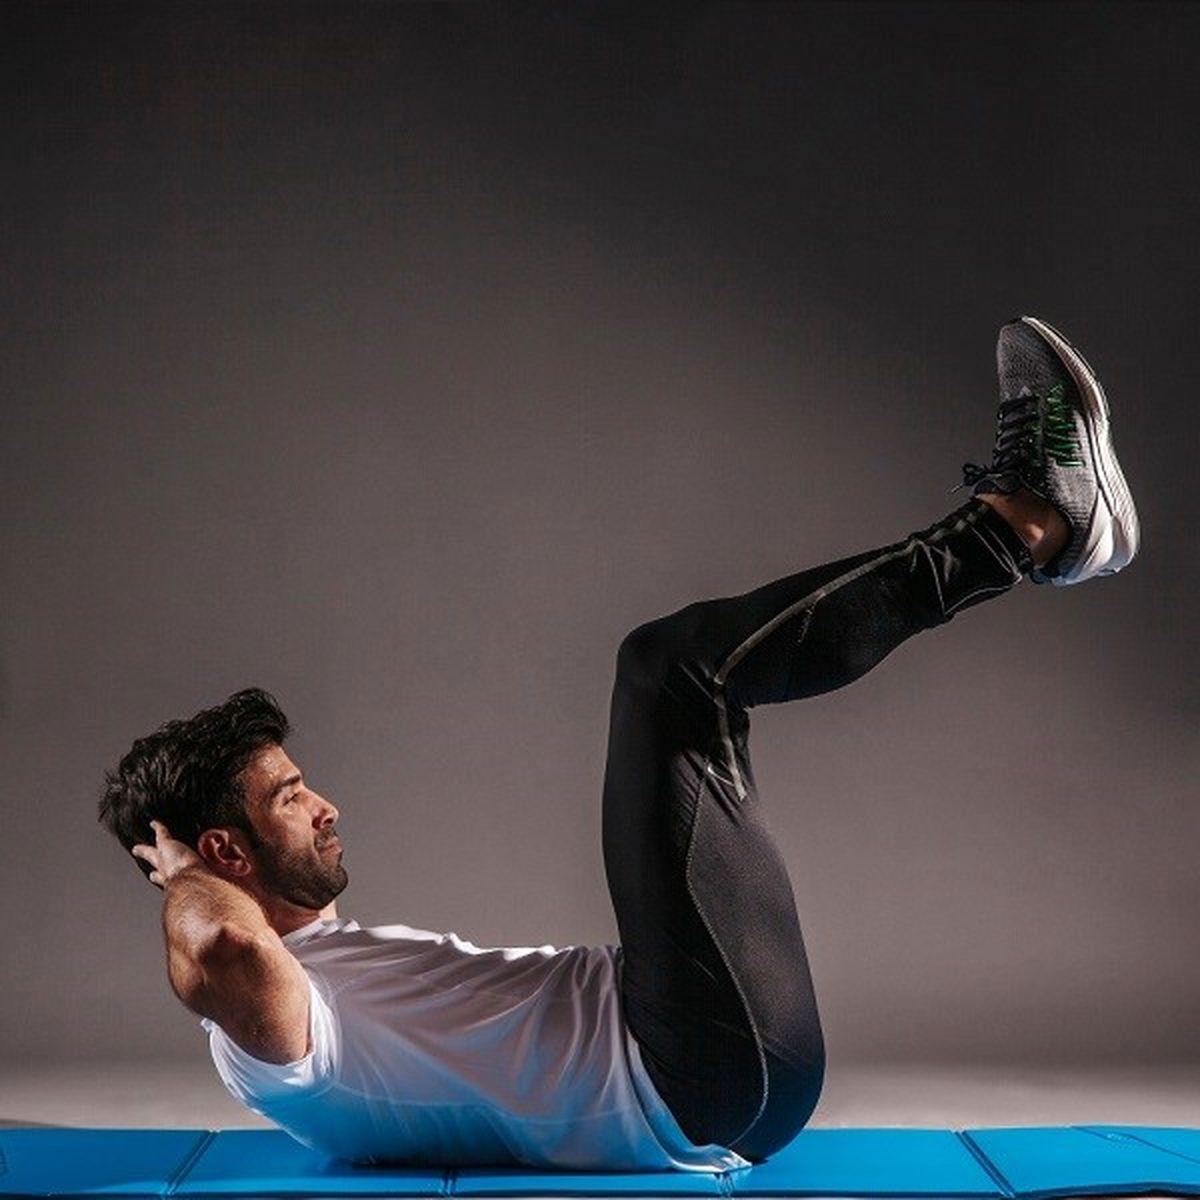 چطور ورزش کردن را شروع کنیم؟